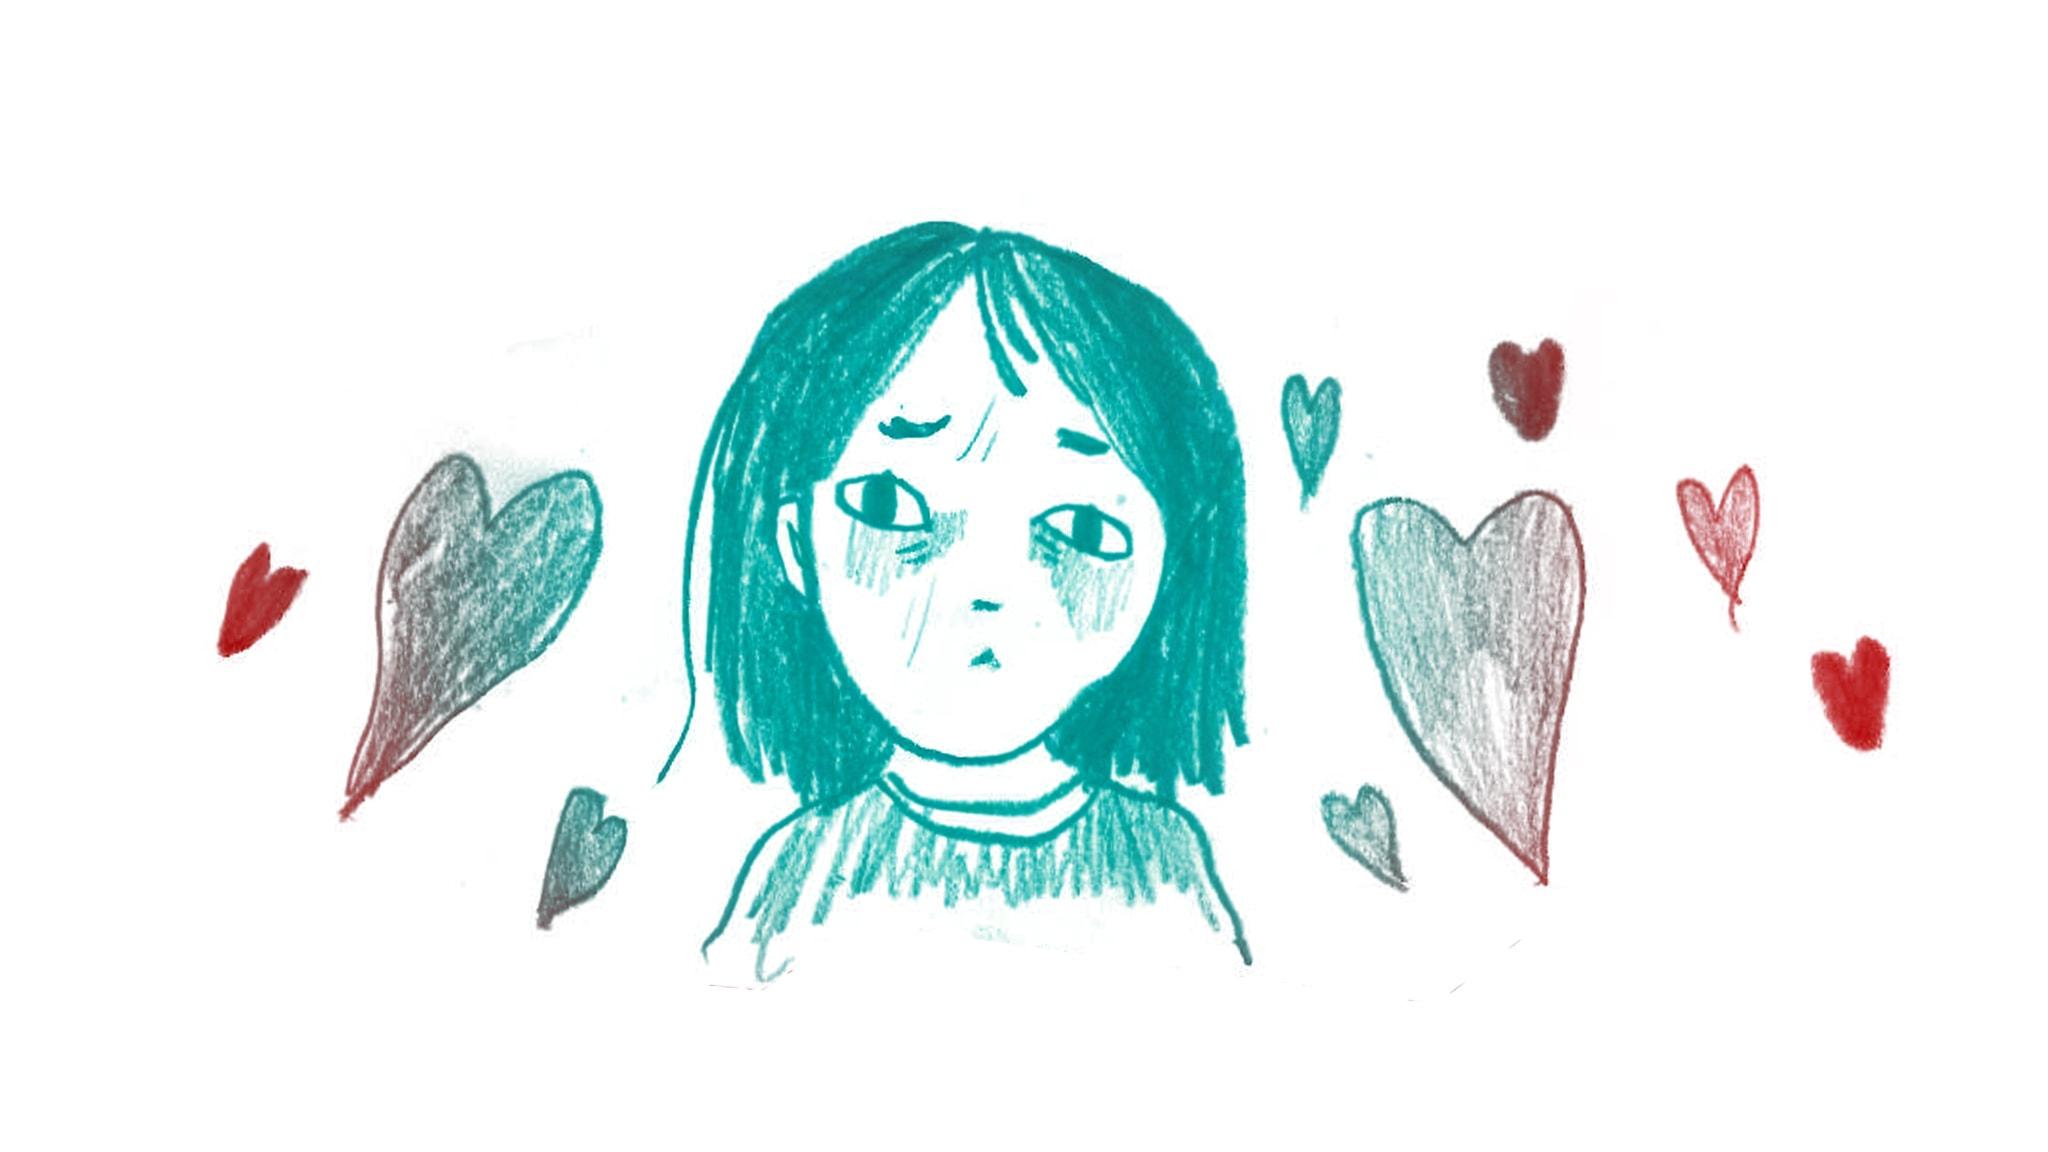 Olyckligt kär, 1000 modiga frågor, illustration: Matilda Ruta